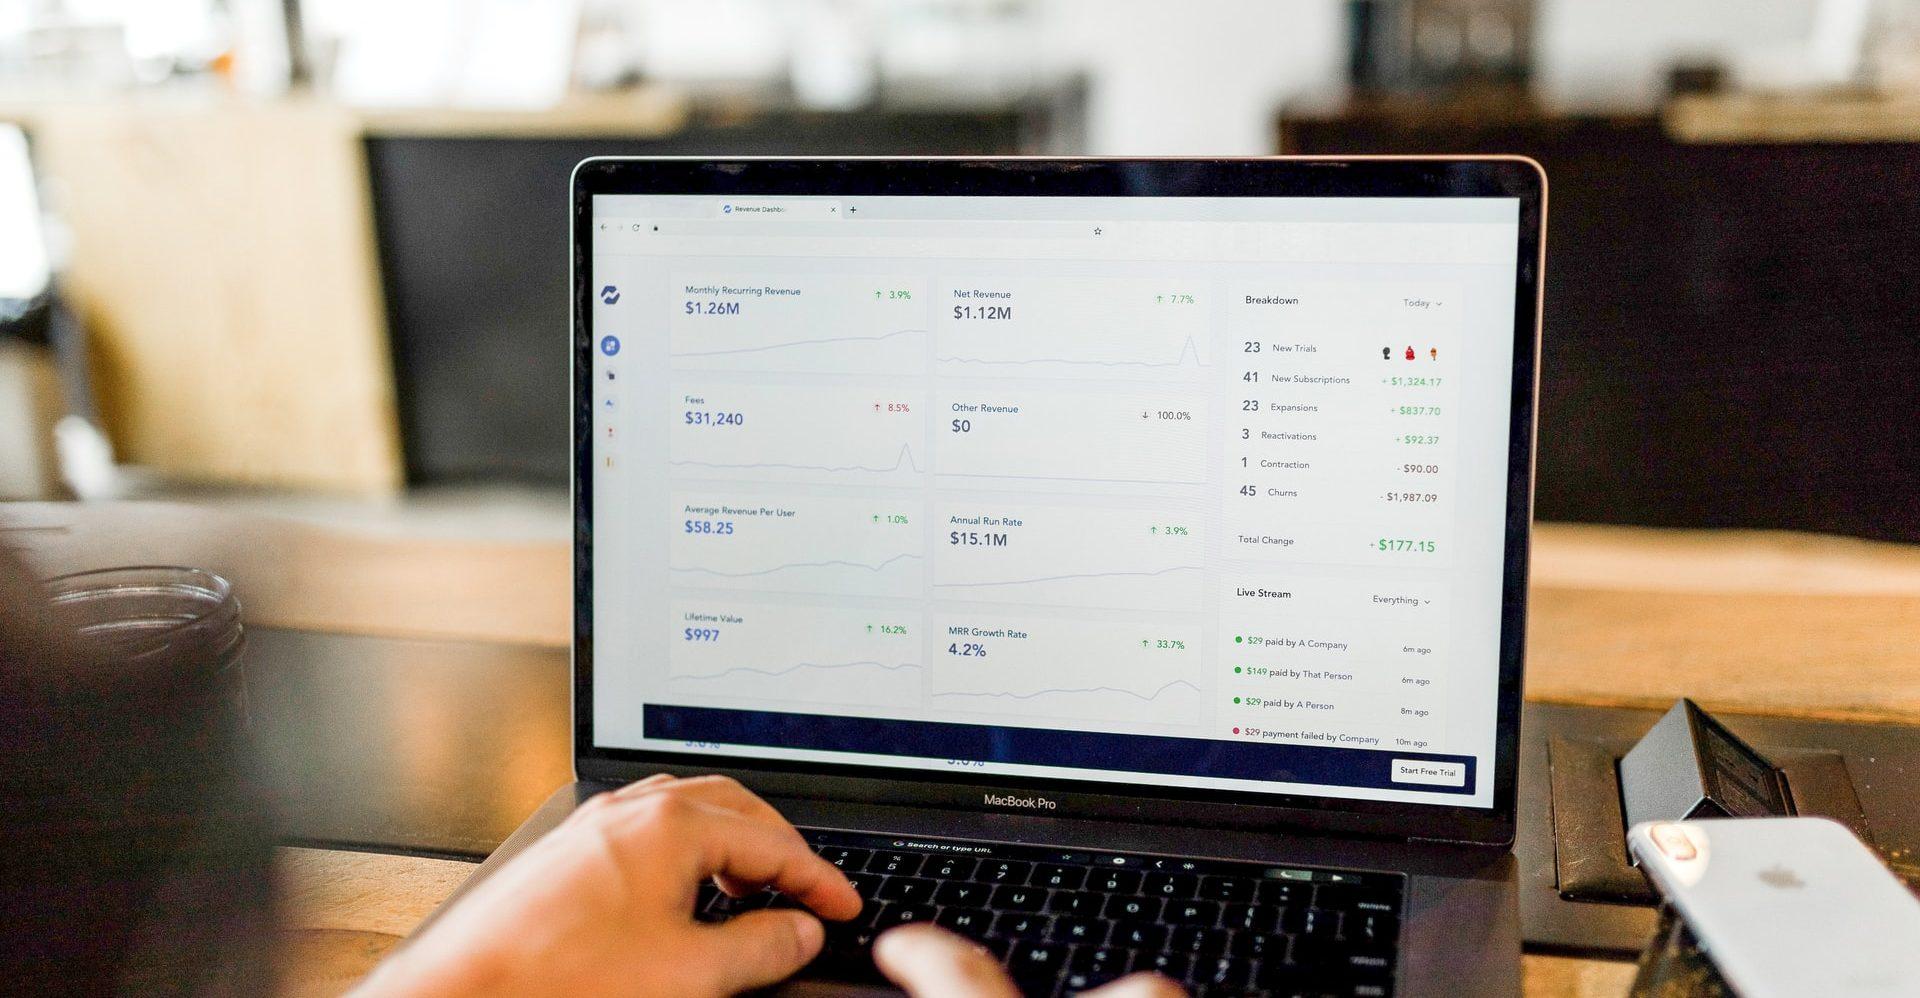 revenu passif : investir dans un blog existant, racheter un blog déjà rentable